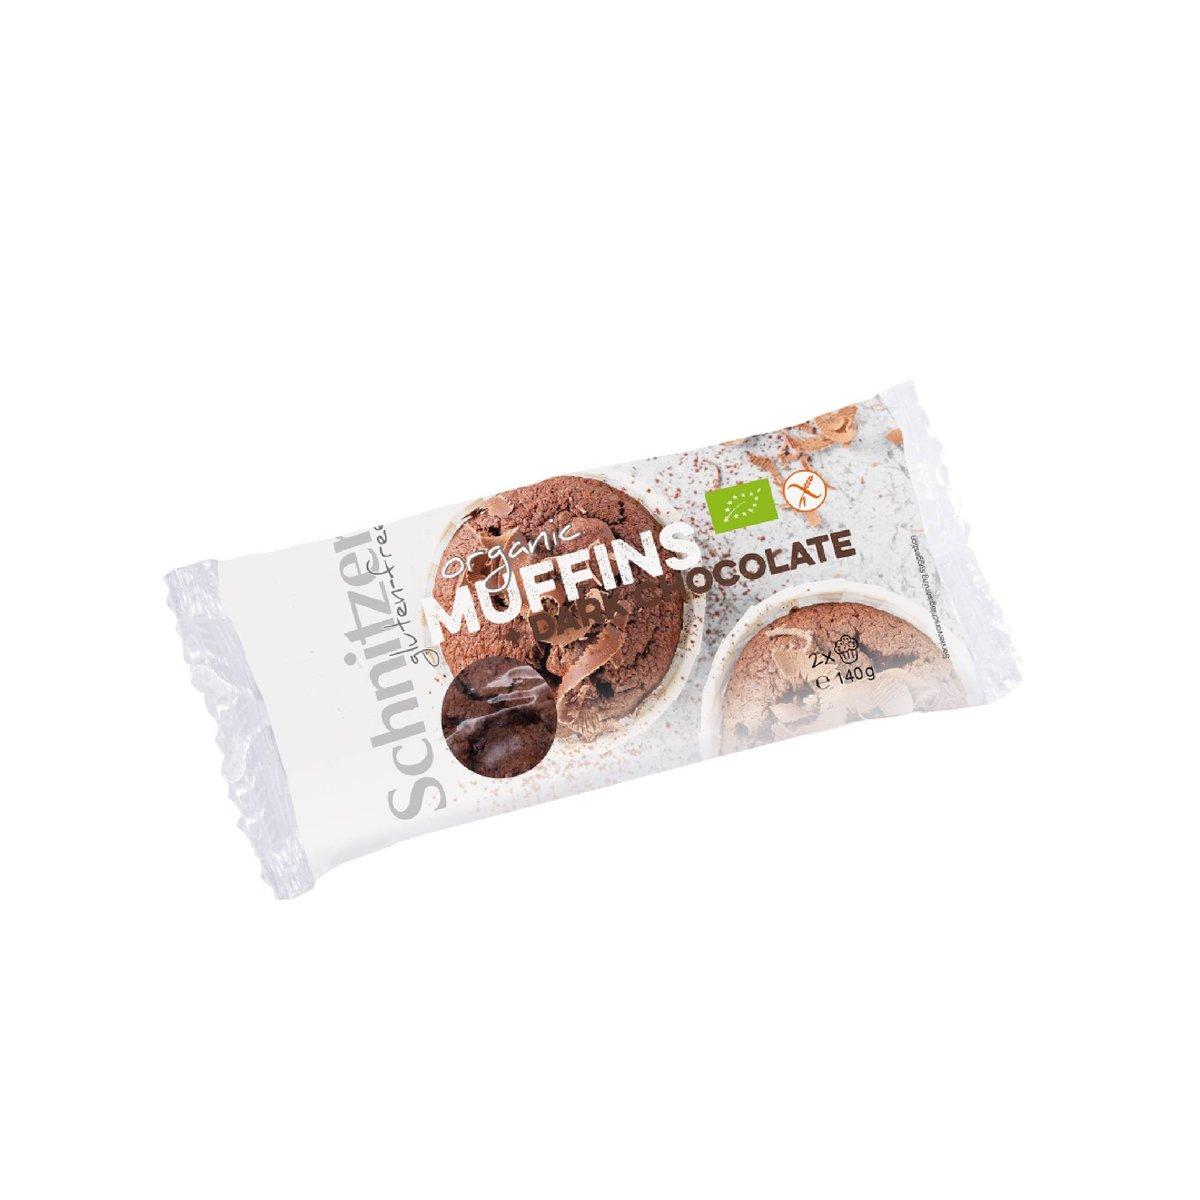 Organic Dark Chocolate Muffin(Gluten-free) Best Before:8-8-2020